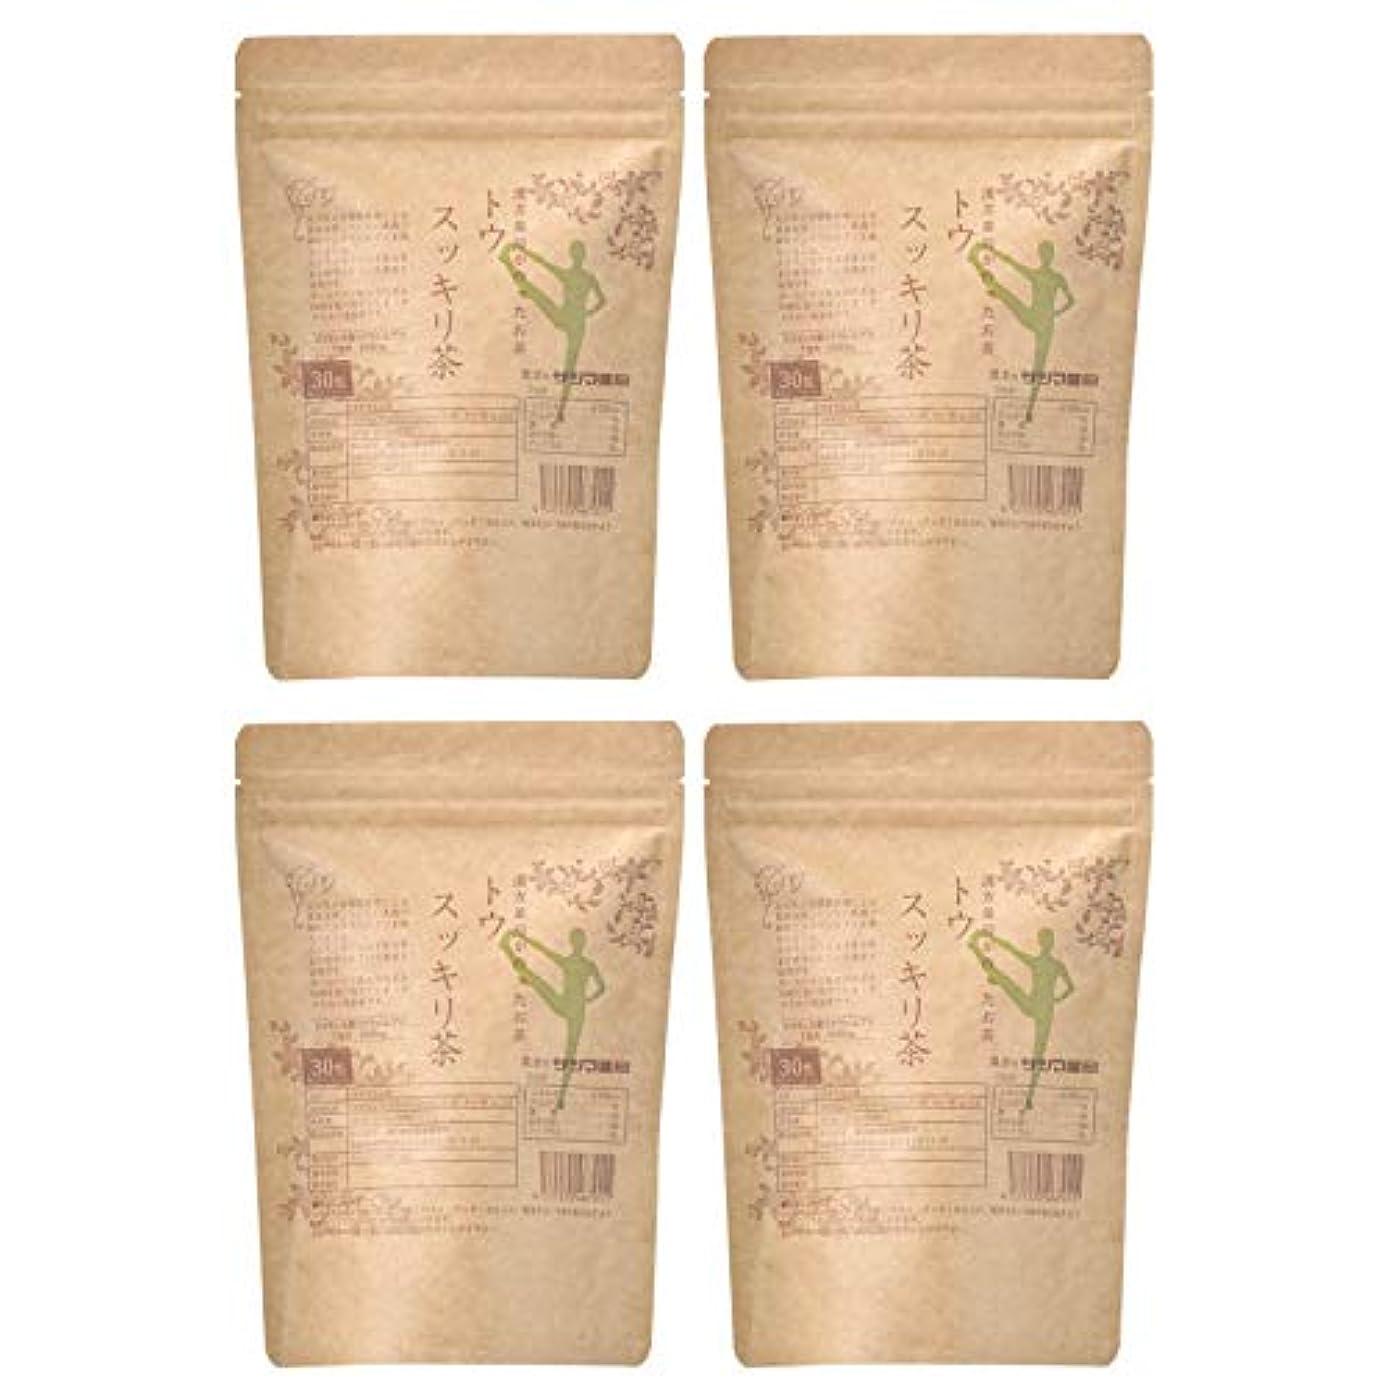 硬い想像力豊かな刺激するサツマ薬局 ダイエットティー トウスッキリ茶 120包(30包×4) ティーパック 高濃度コタラヒム茶 ほうじ茶